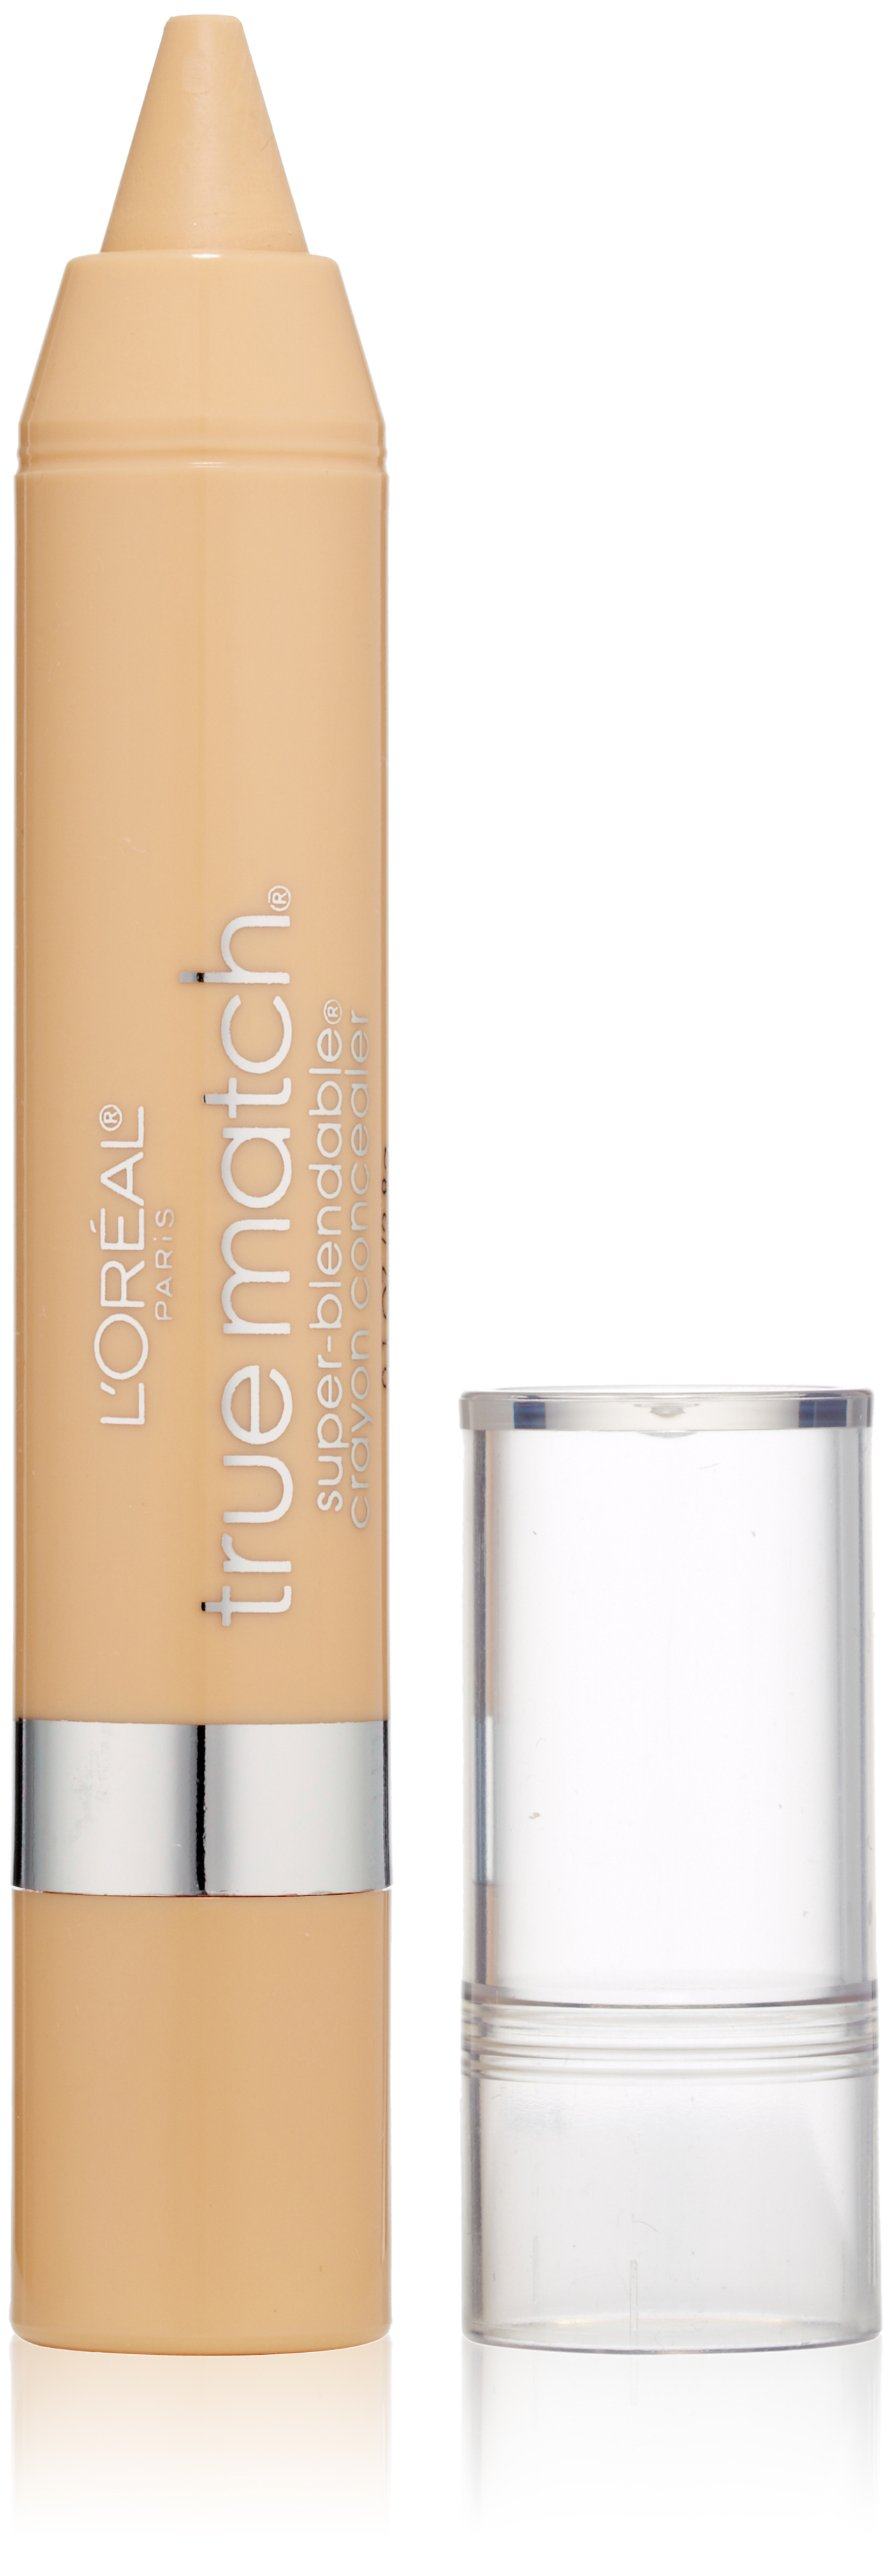 L'Oreal Paris True Match Super Blendable Crayon Concealer, Fair/Light Warm, 0.1 oz.